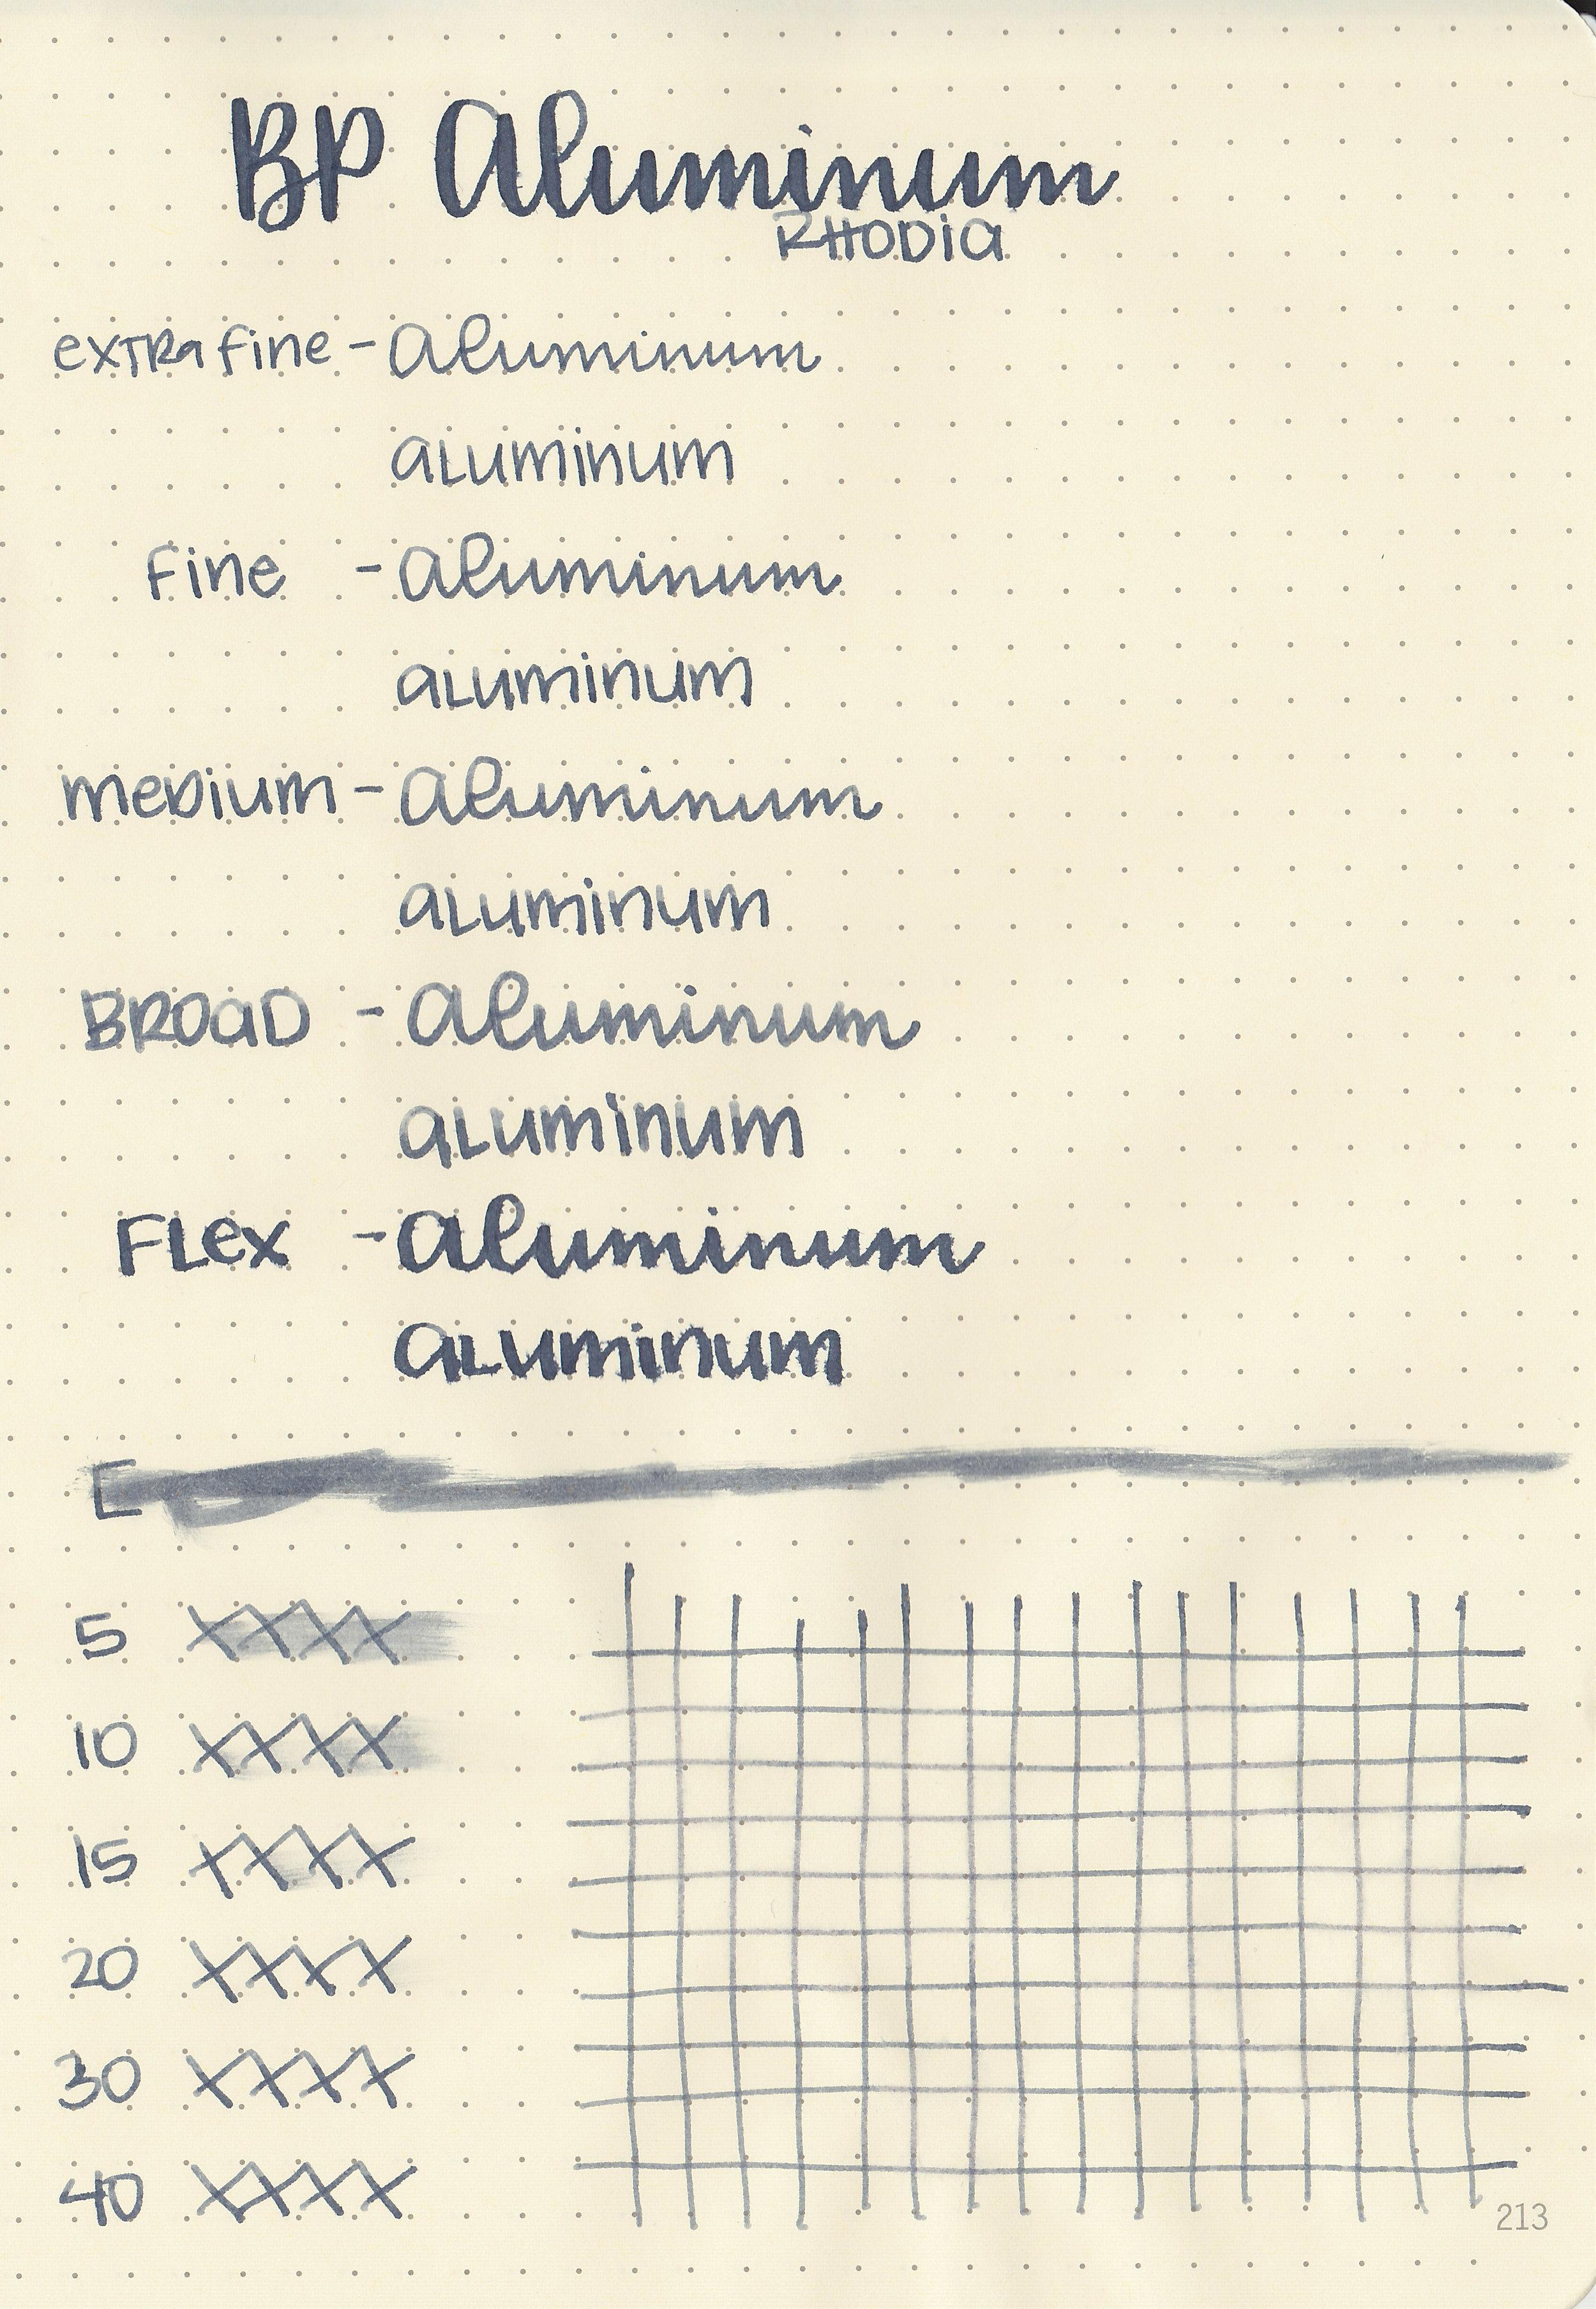 bp-aluminum-5.jpg